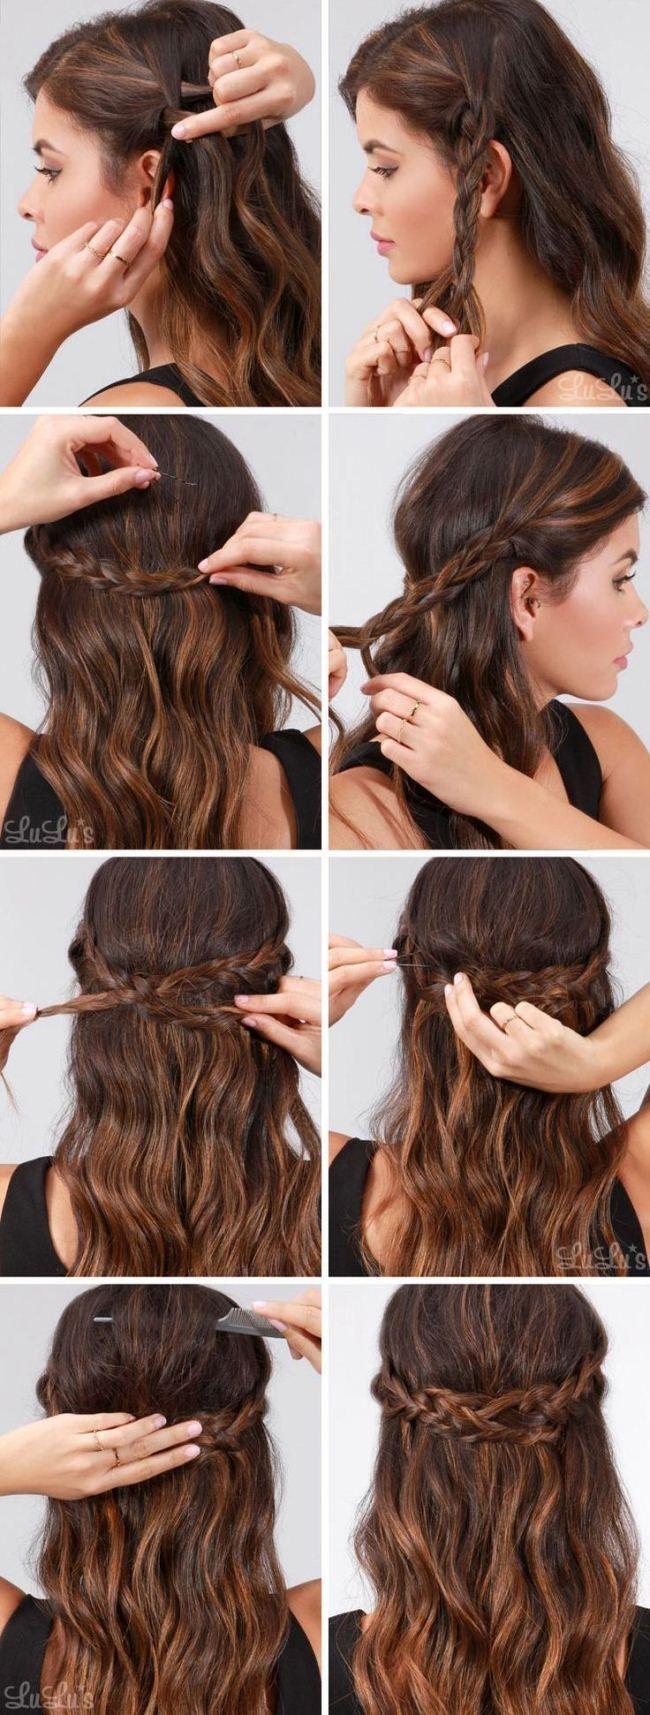 Schnelle einfache formale Party-Frisuren für lange Haar-DIY-Ideen 2018 – Frisuren